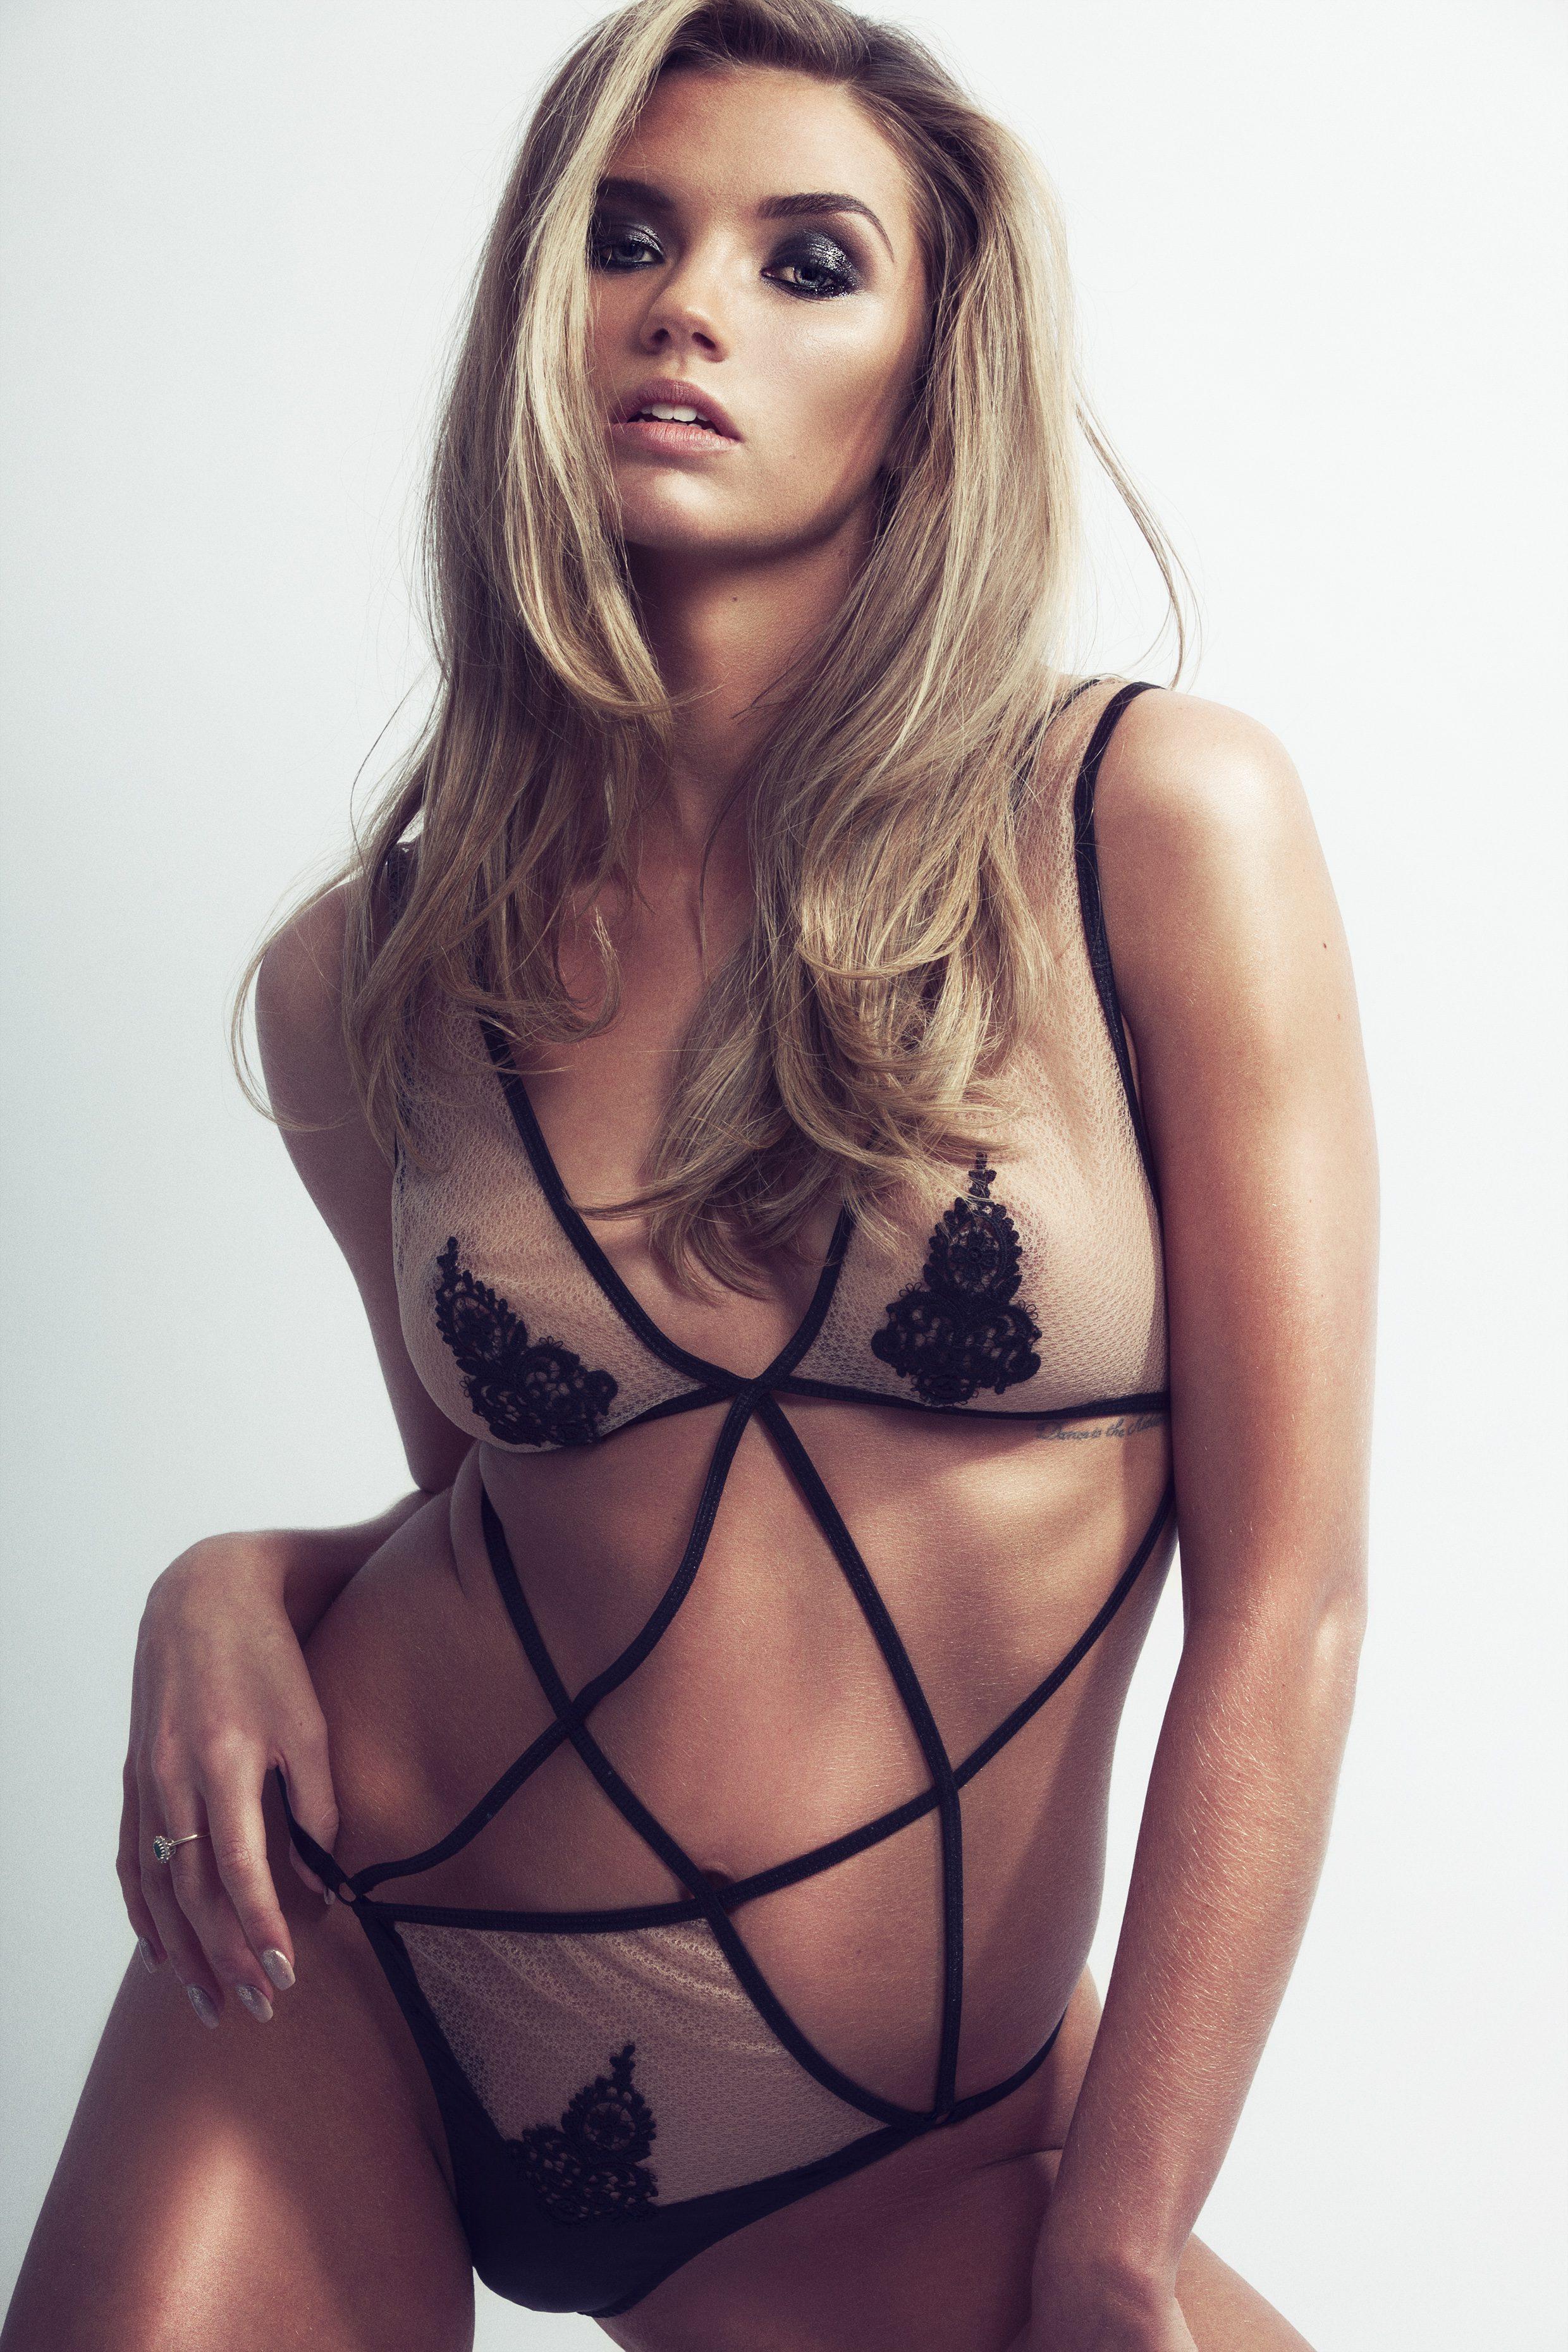 McMahon modeling Coco De Mer body/ www.coco-de-mer.com - Photo Credit: Jo Emmerson